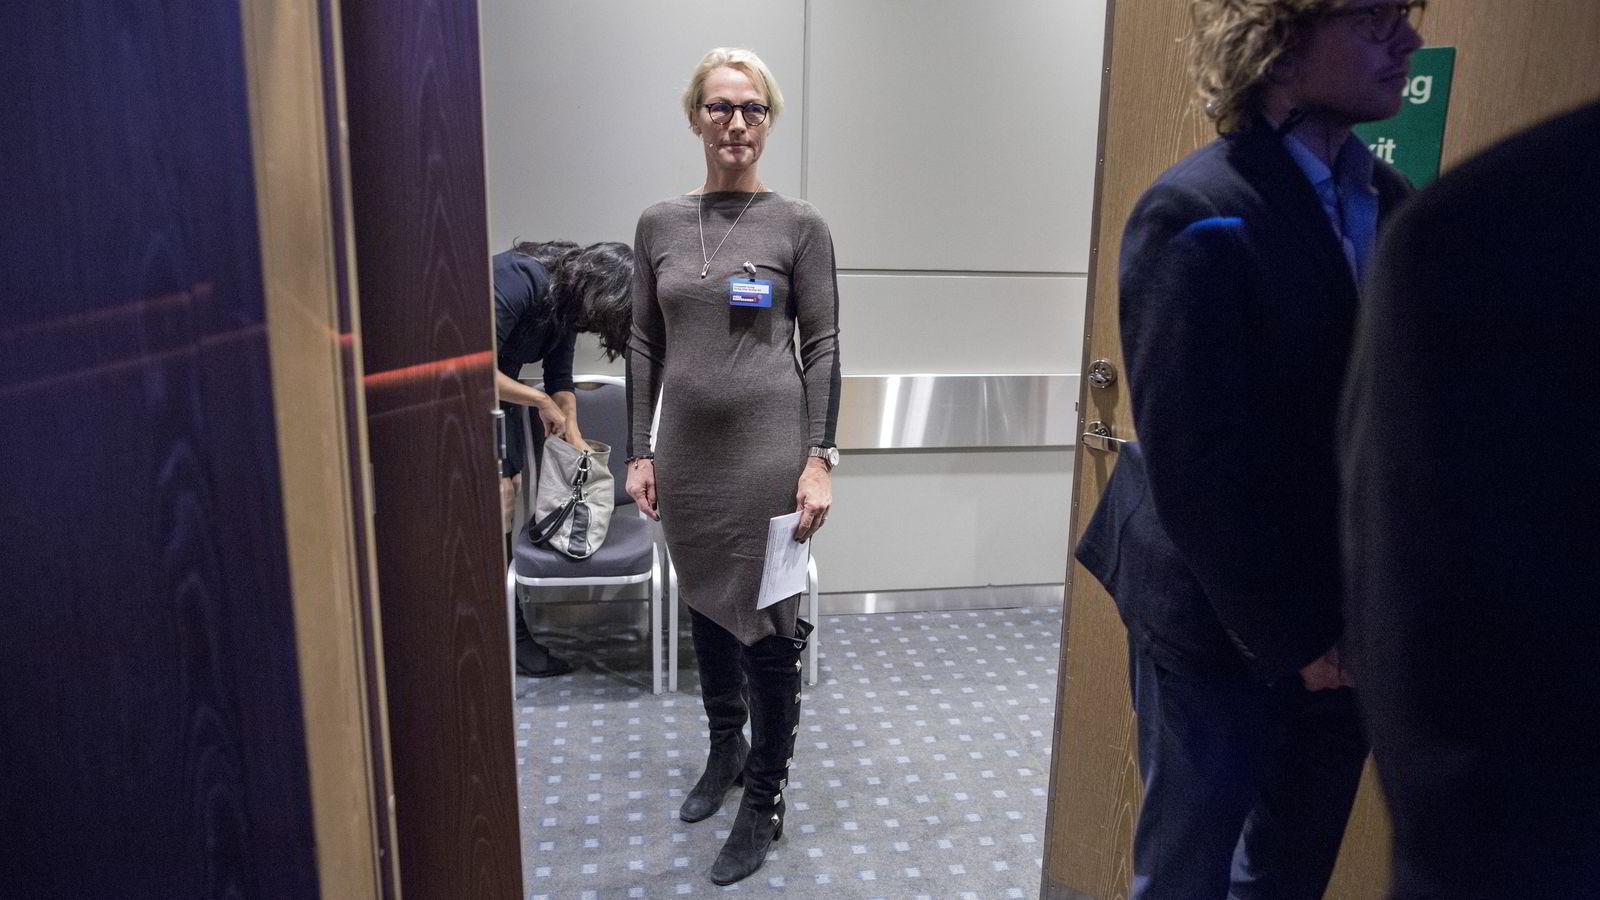 PÅ KONFERANSE. Skipsreder Elisabeth Grieg er pekt på som en mulig kandidat til  styrelederjobben i Telenor. FOTO: Aleksander Nordahl